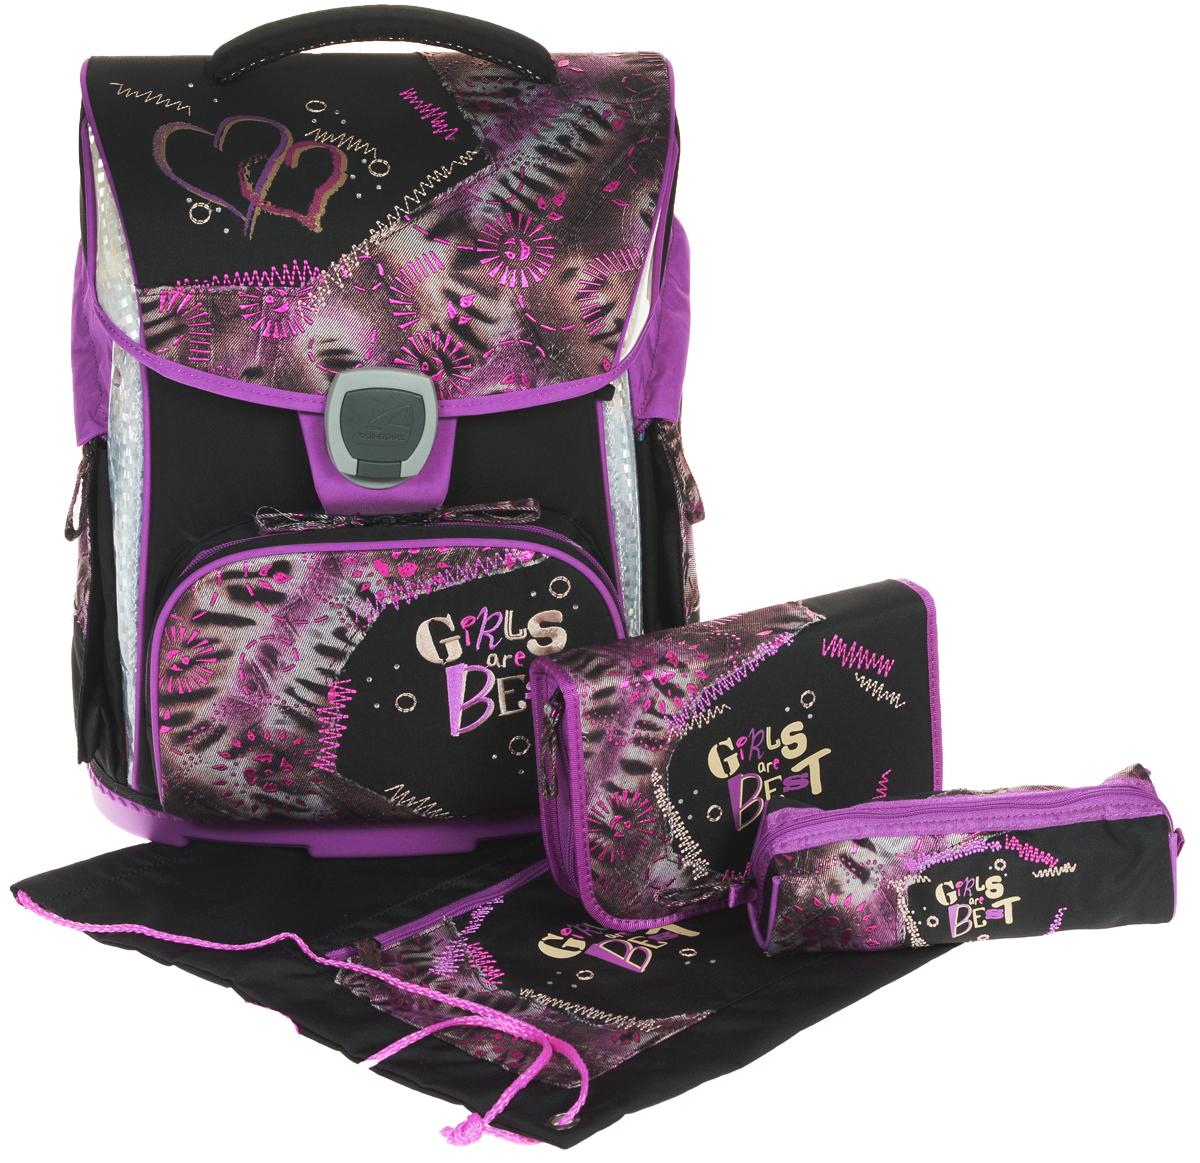 Schneiders Ранец школьный Toolbag-X Girls are Best с наполнением 3 предмета -  Ранцы и рюкзаки